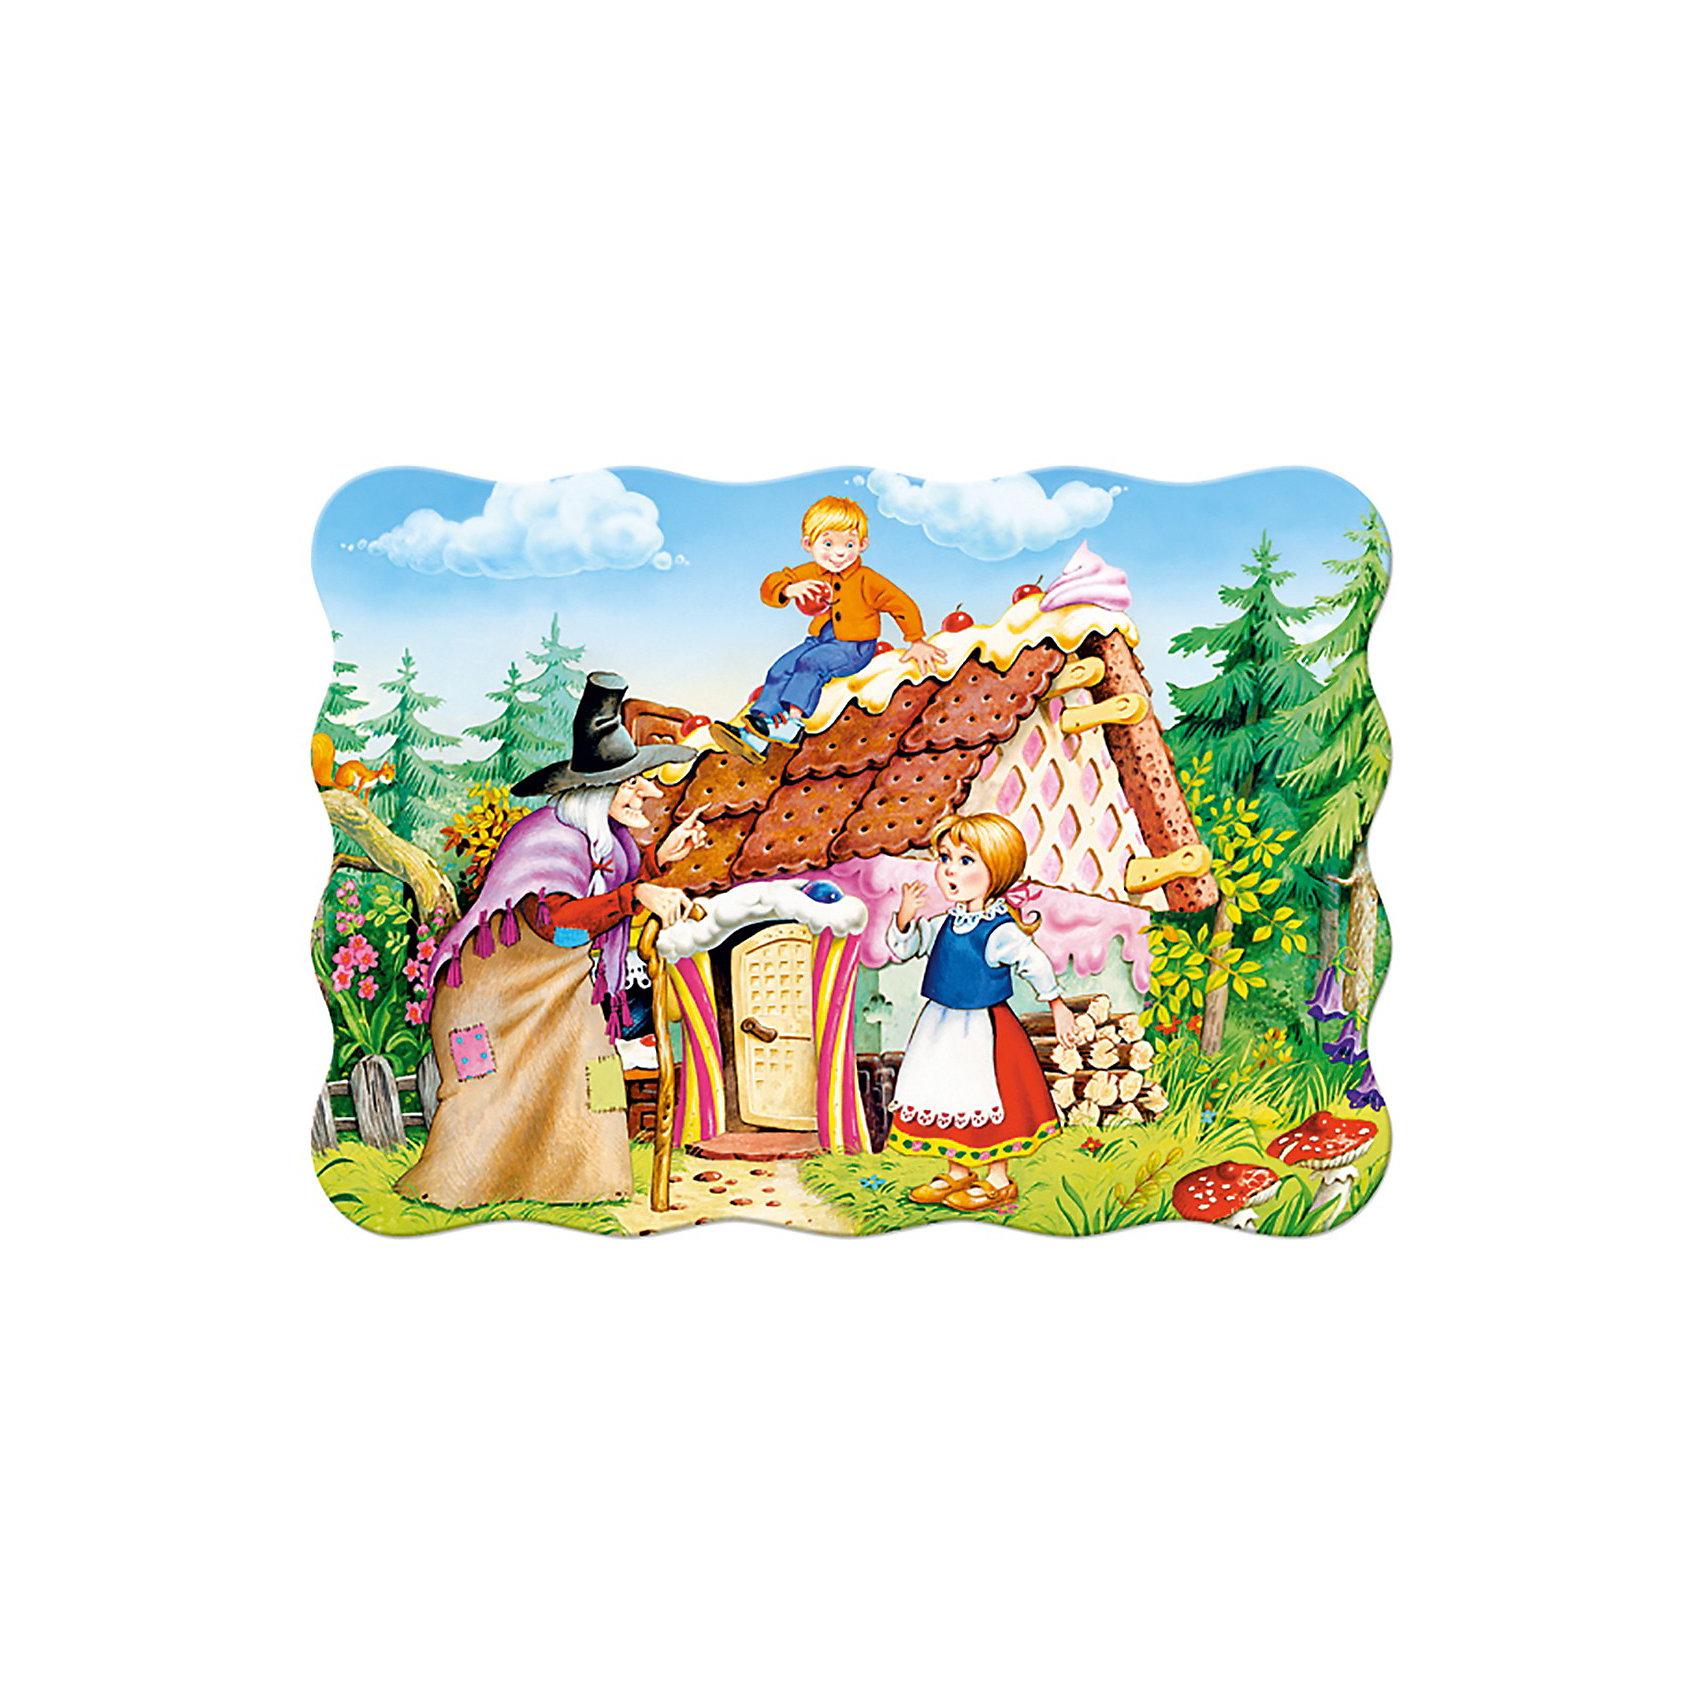 Пазл  Пряничный домик, 30 деталей, CastorlandПазл  Пряничный домик, 30 деталей, Castorland (Касторленд) - это увлекательный пазл с крупными яркими деталями.<br>Пазл  Пряничный домик - это занимательный пазл для малышей. Большие красочные детали пазла, из плотного картона, легко соединяются. Собирая пазл, малыш сможет не только увлекательно провести время, но и развить образное и логическое мышление, наблюдательность, мелкую моторику и координацию движений рук.<br><br>Дополнительная информация:<br><br>- Количество деталей: 30<br>- Размер картинки: 32 ? 23 см.<br>- Материал: плотный картон<br>- Упаковка: картонная коробка<br>- Размер коробки: 18 ? 4 ? 13 см.<br>- Вес: 150 гр.<br><br>Пазл  Пряничный домик, 30 деталей, Castorland (Касторленд) можно купить в нашем интернет-магазине.<br><br>Ширина мм: 180<br>Глубина мм: 40<br>Высота мм: 130<br>Вес г: 150<br>Возраст от месяцев: 36<br>Возраст до месяцев: 84<br>Пол: Унисекс<br>Возраст: Детский<br>Количество деталей: 30<br>SKU: 3899109